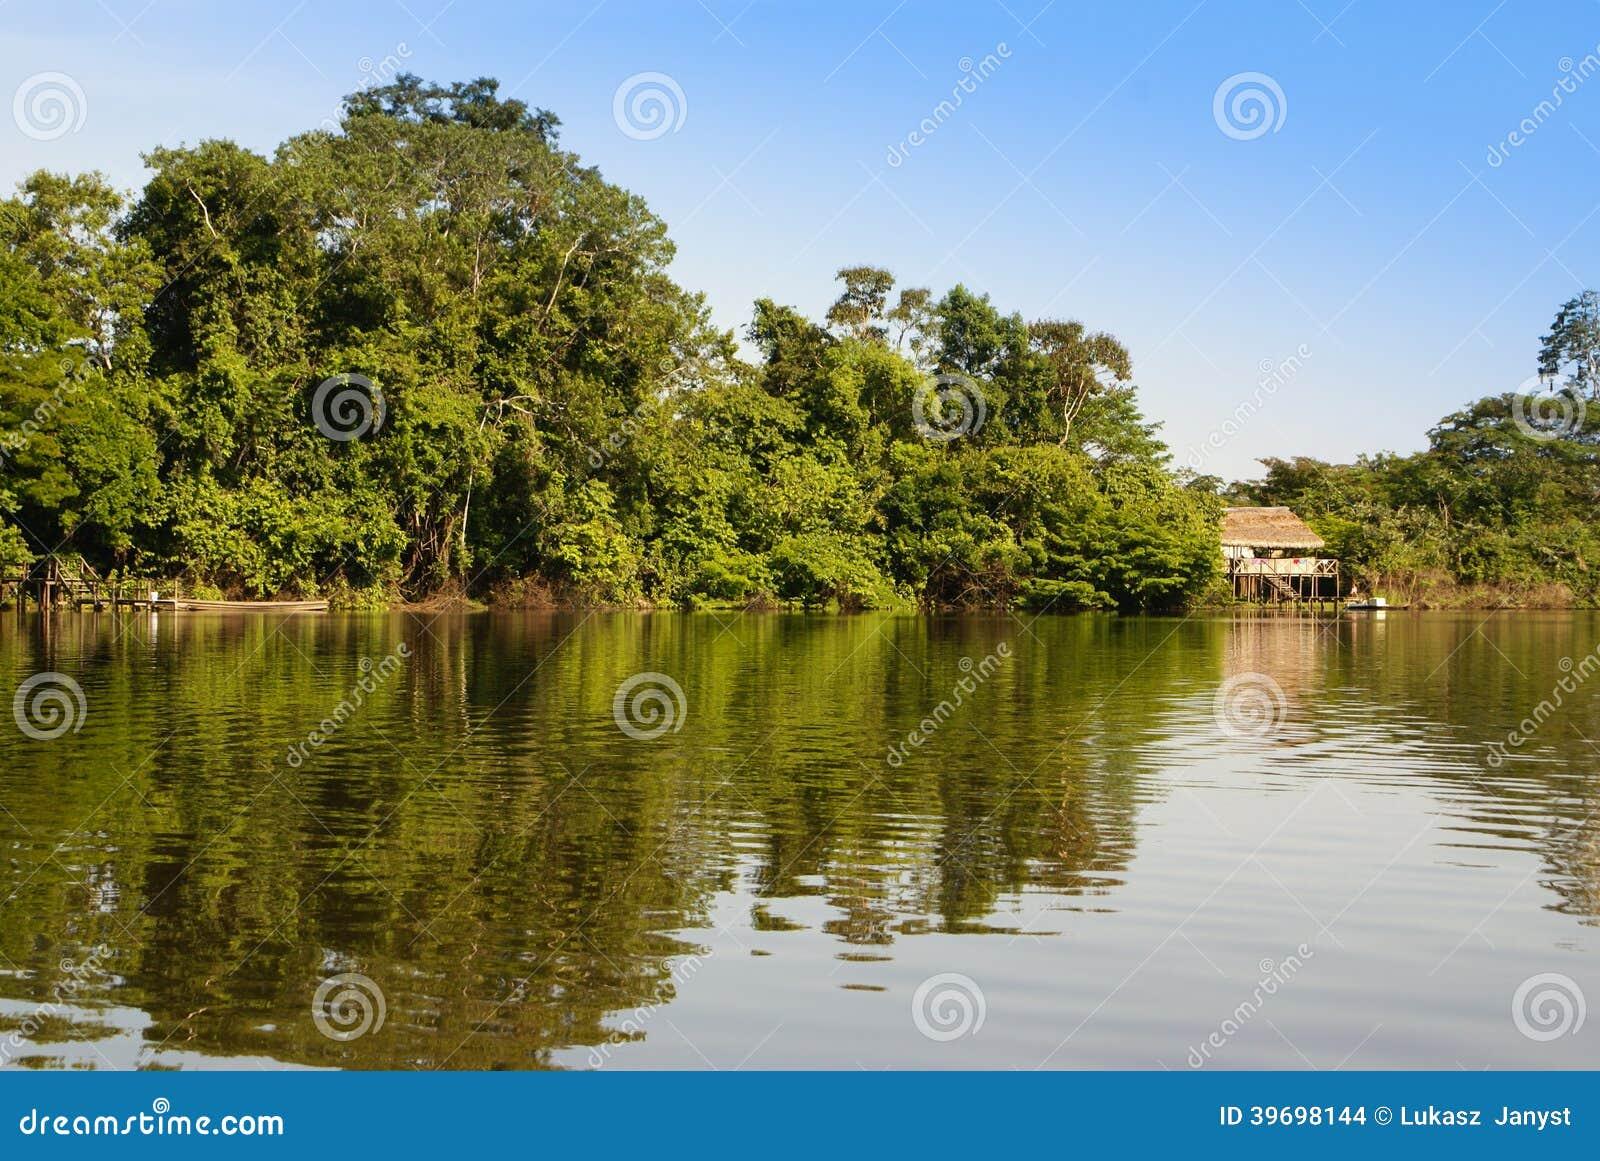 Peru peruanAmazonas landskap. Fotogåvan typisk ind